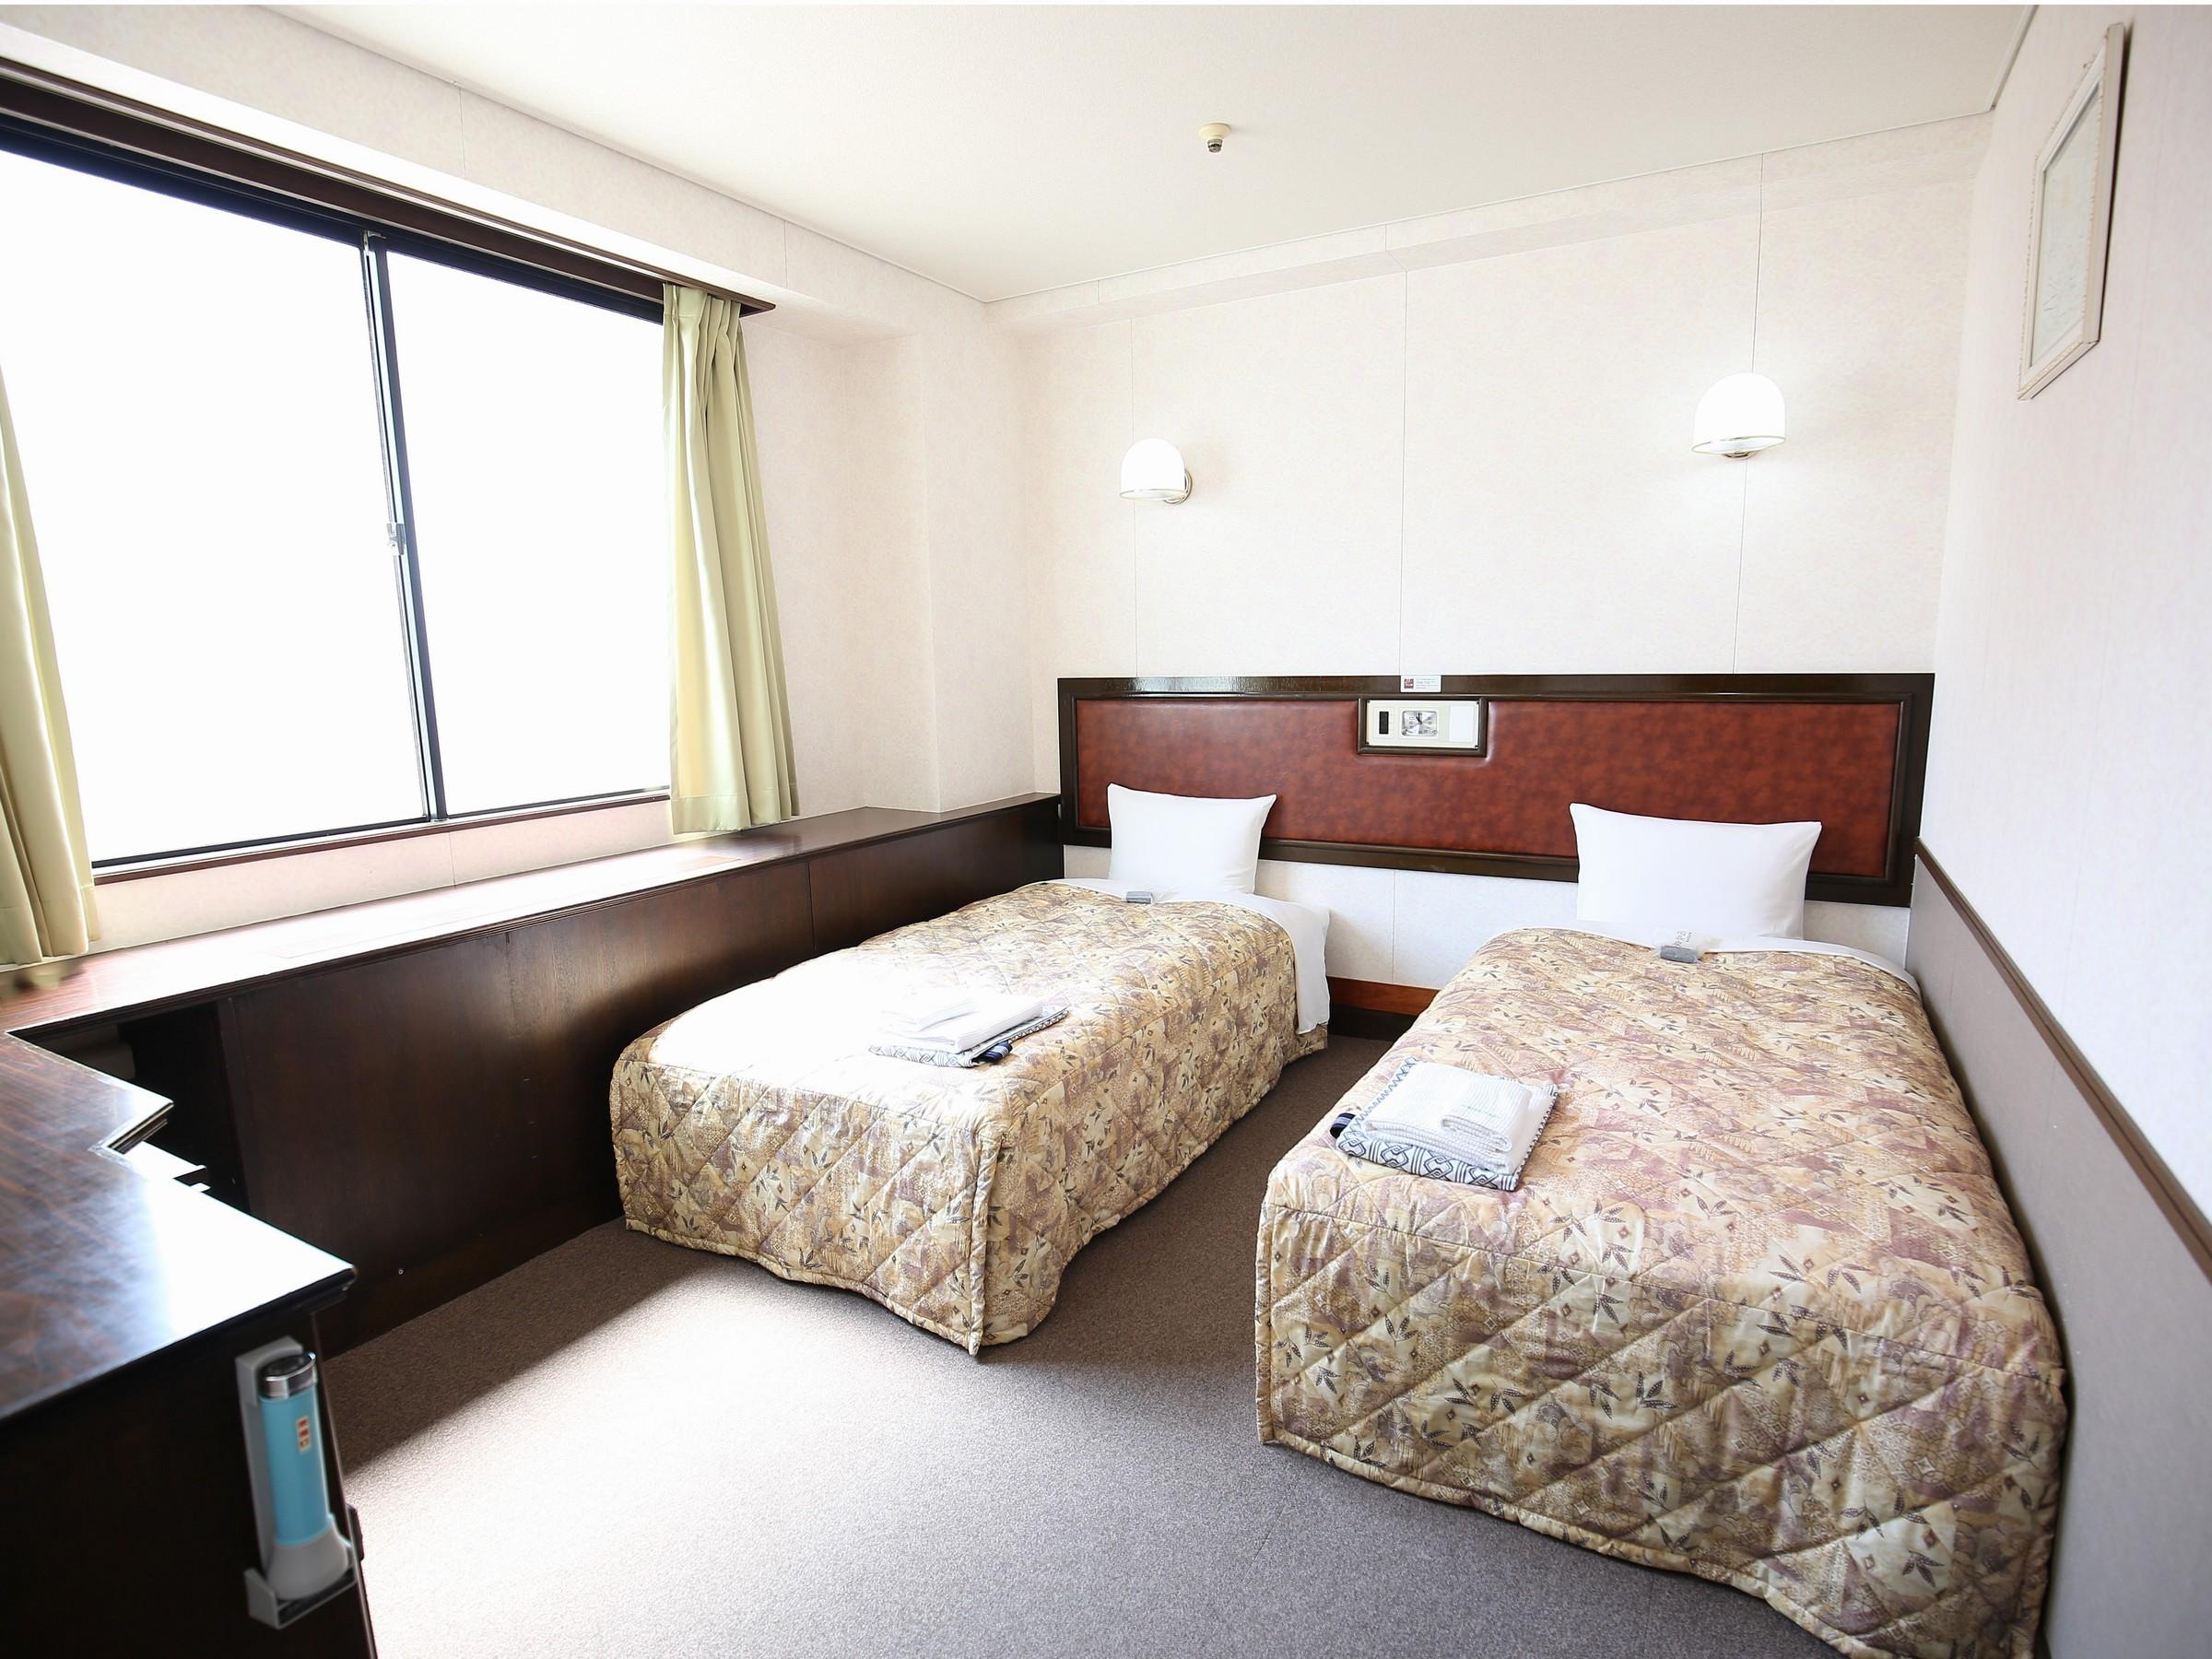 ホテル姫路プラザ / 【禁煙室】ツインルーム(2名部屋)■広さ16平米